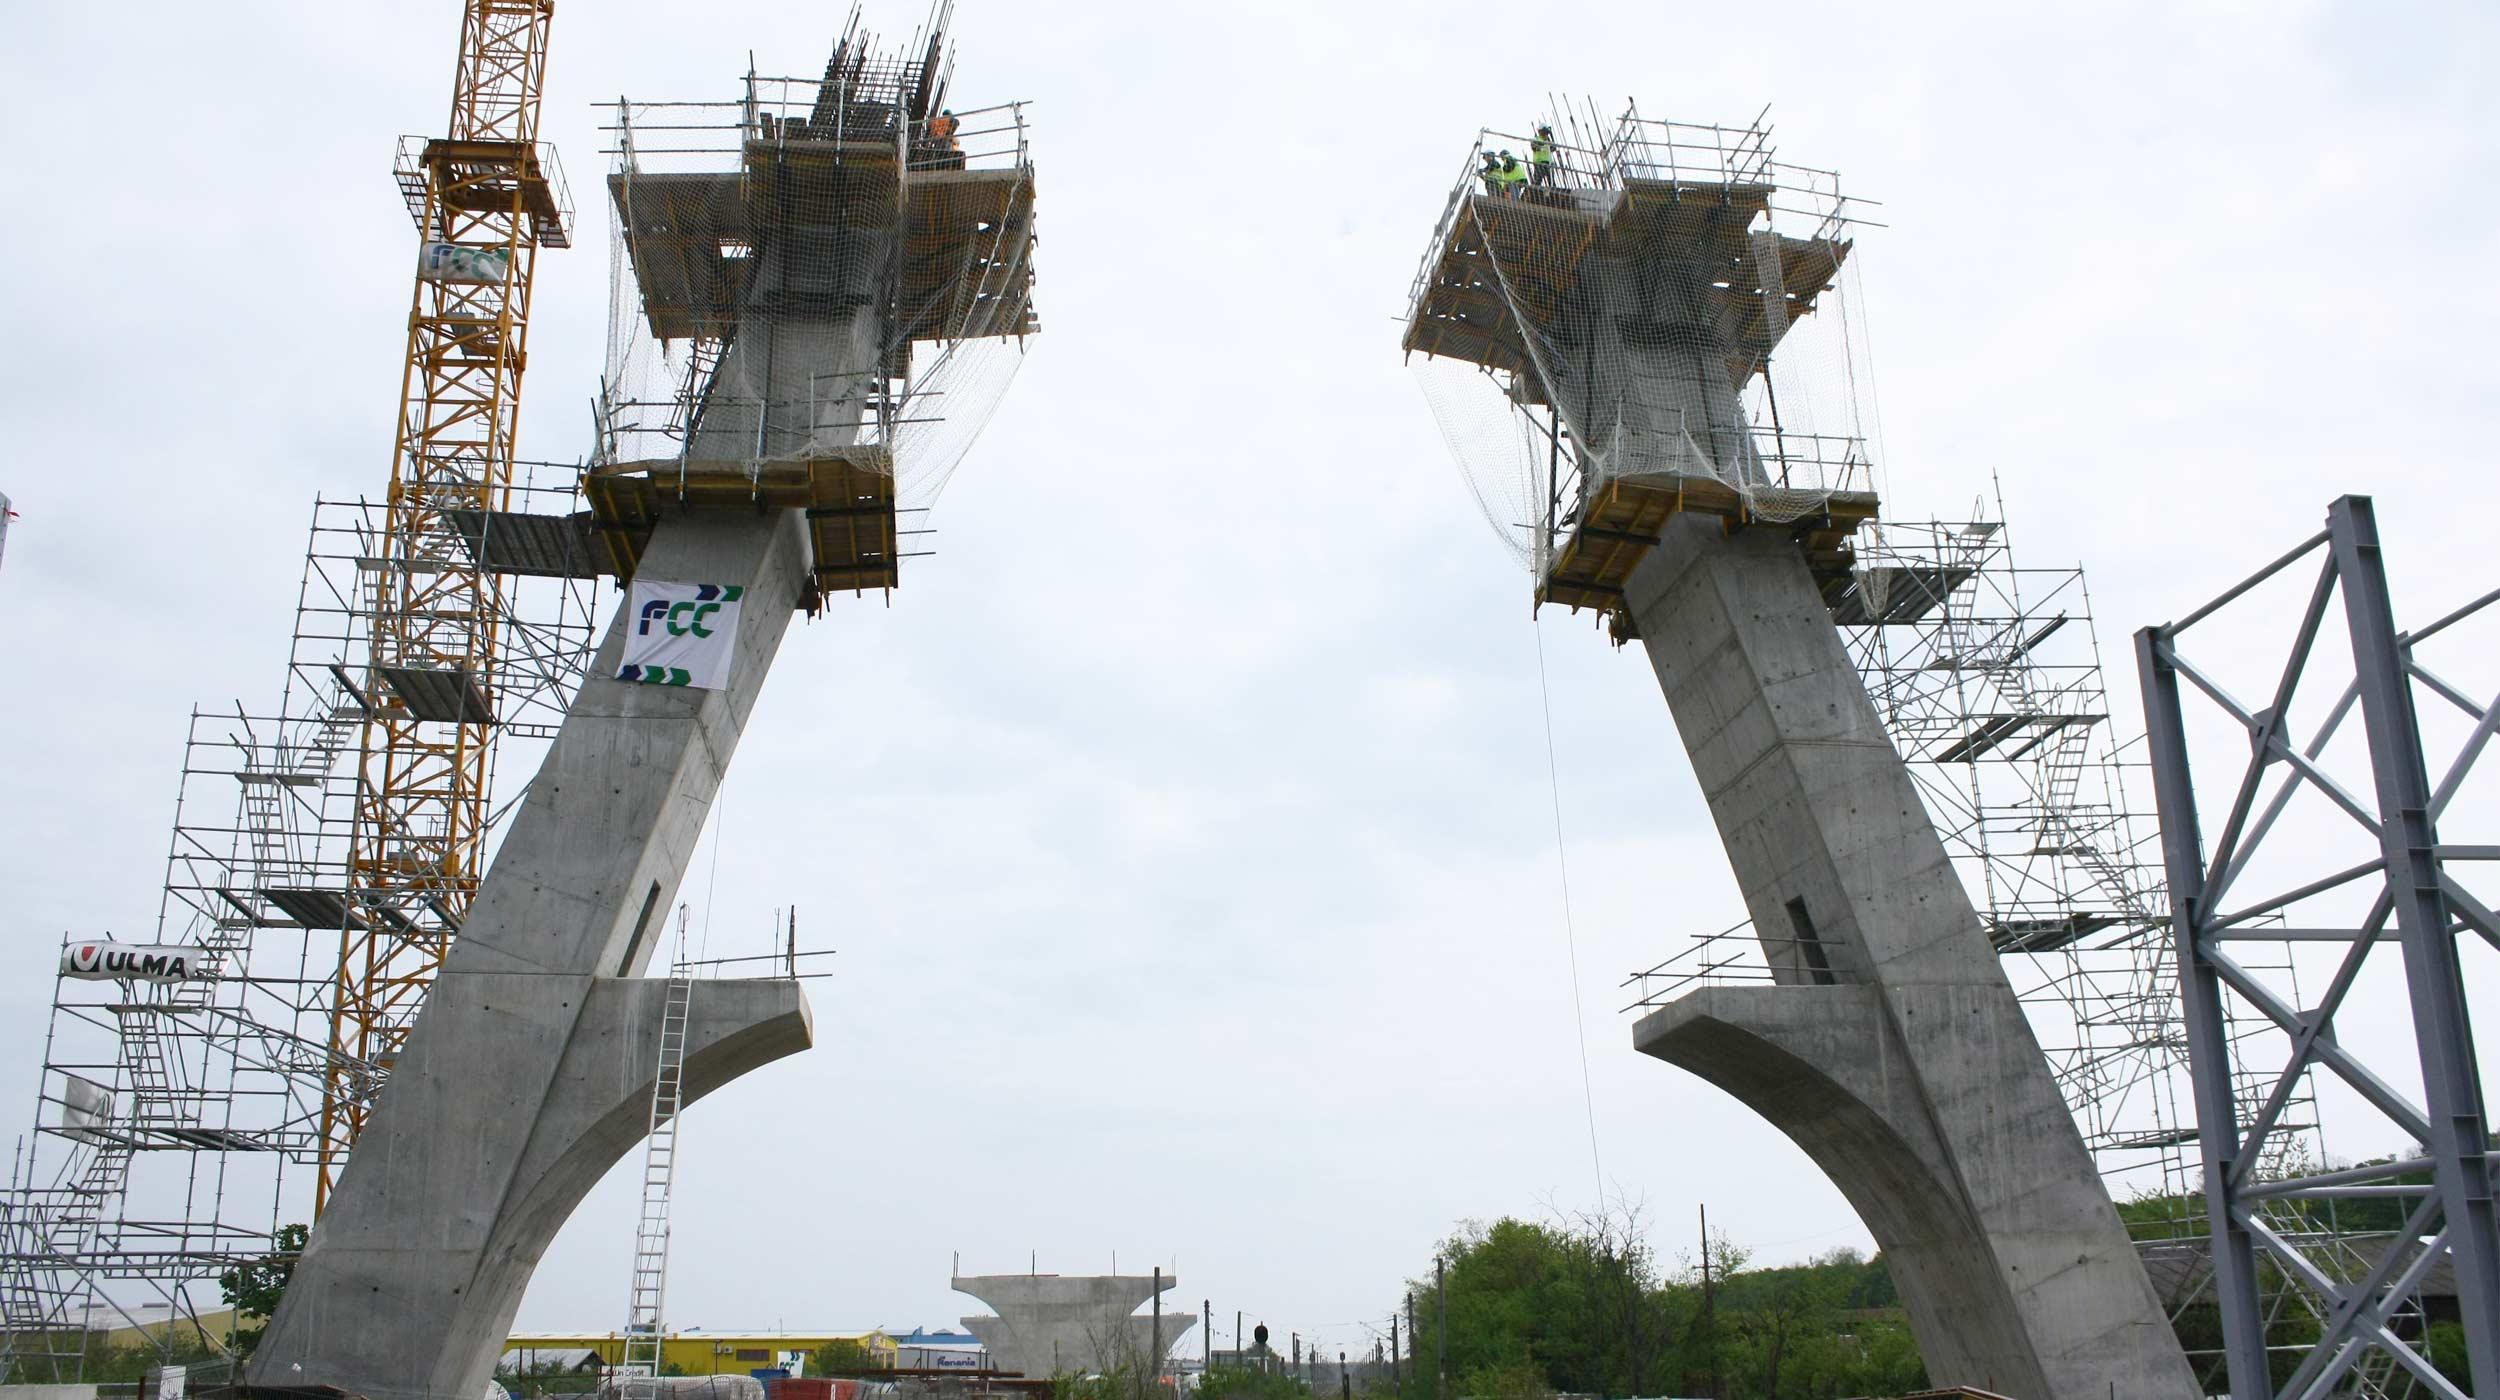 Wiadukt oparty na pylonie wykonano w ciągu obwodnicy Bukaresztu w miejscowości Otopeni.